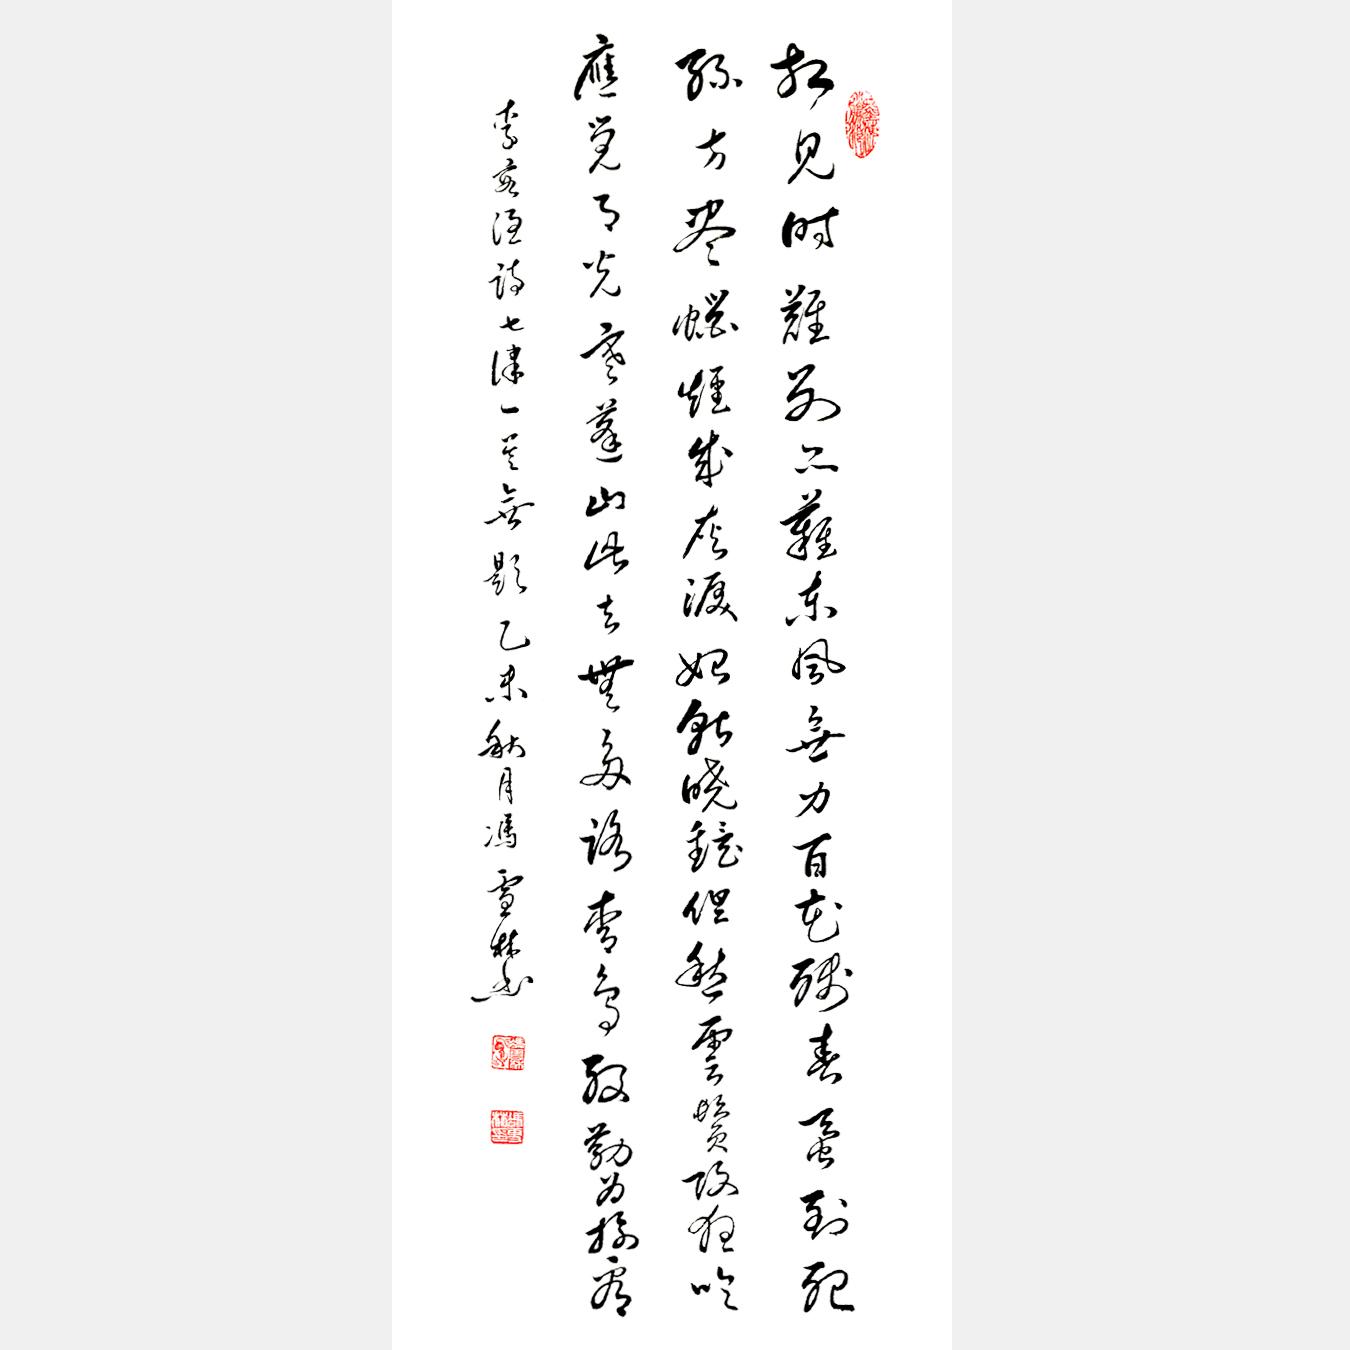 冯雪林行书 晚唐著名诗人李商隐七言律诗《无题·相见时难别亦难》